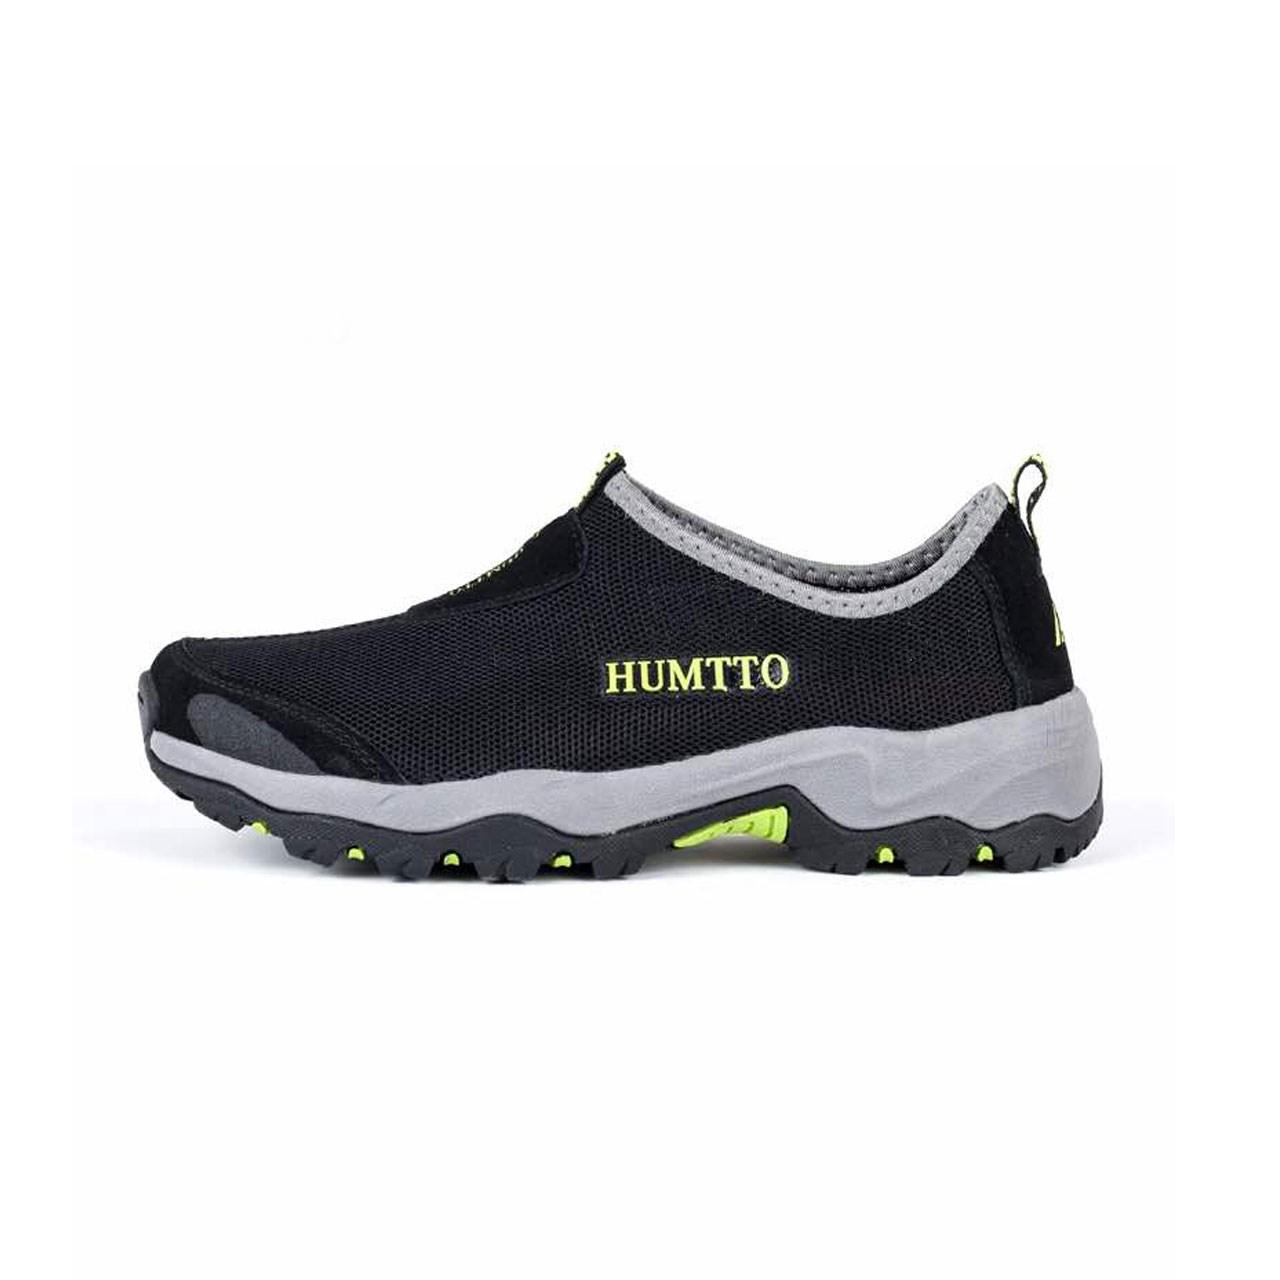 کفش  مخصوص پیاده روی humtto مدل 2-1380